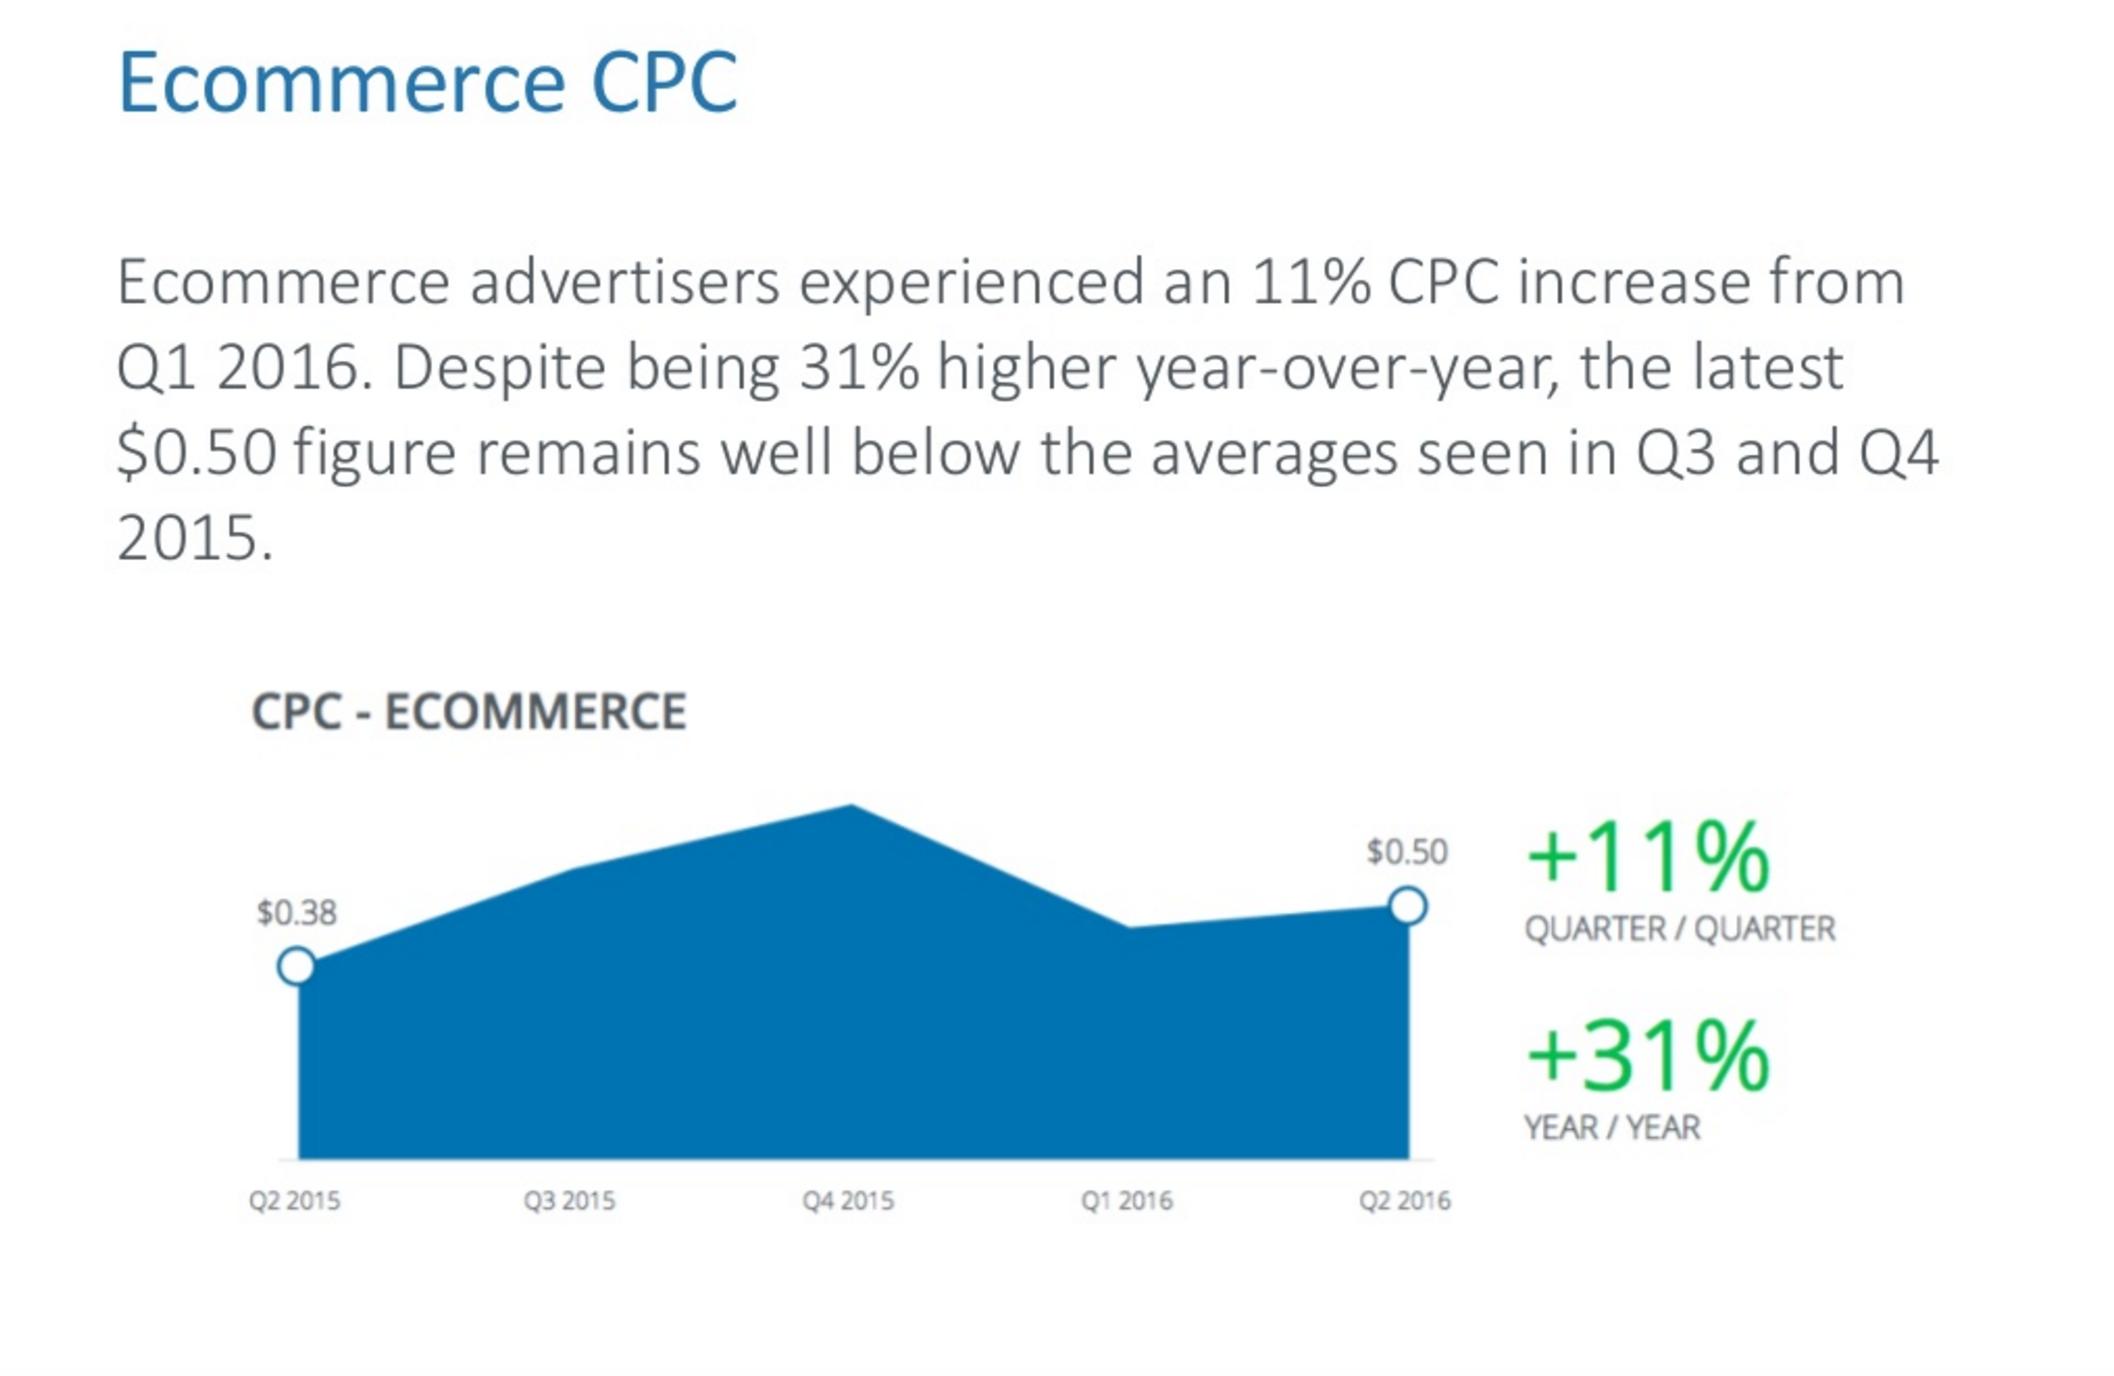 ecommerce-cpc